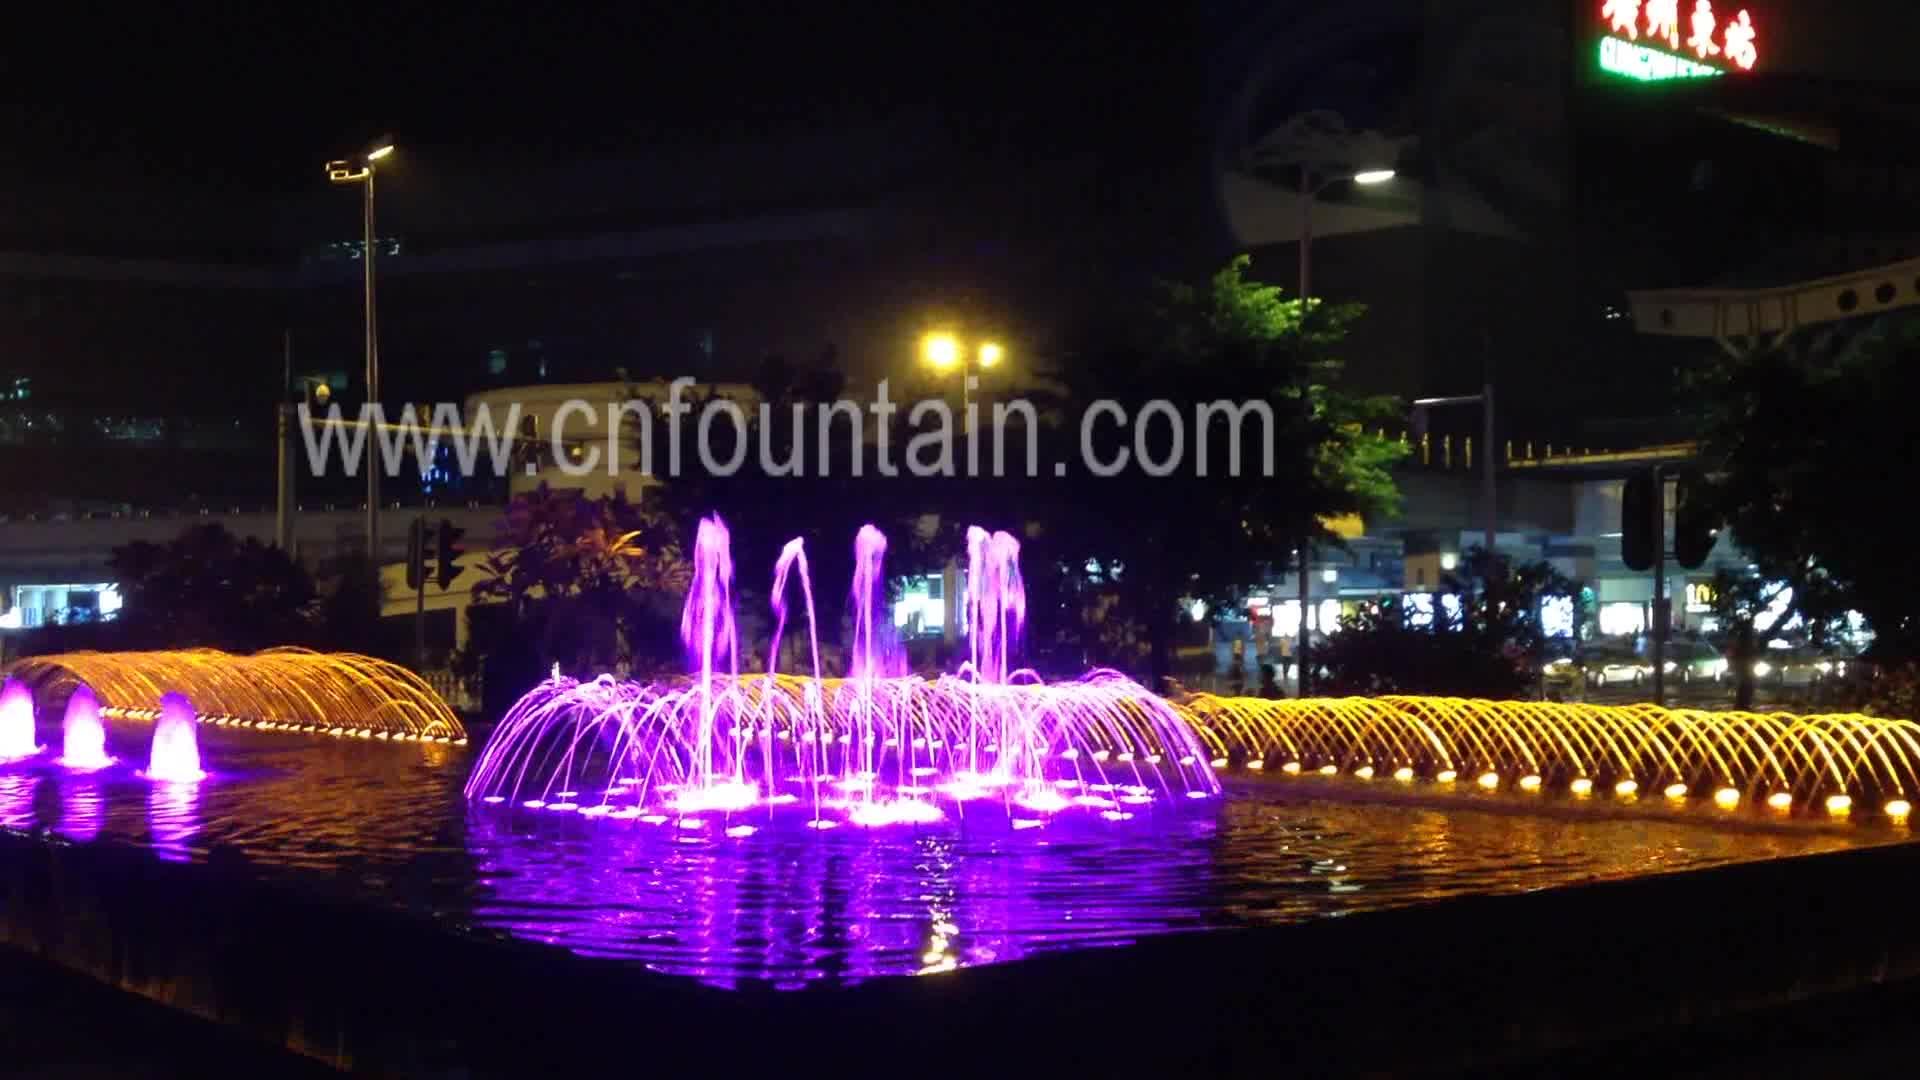 Ha condotto la Luce Colorata Cascata di Acqua Caratteristiche Per Le Piccole Giardini Paesaggistica Soluzioni